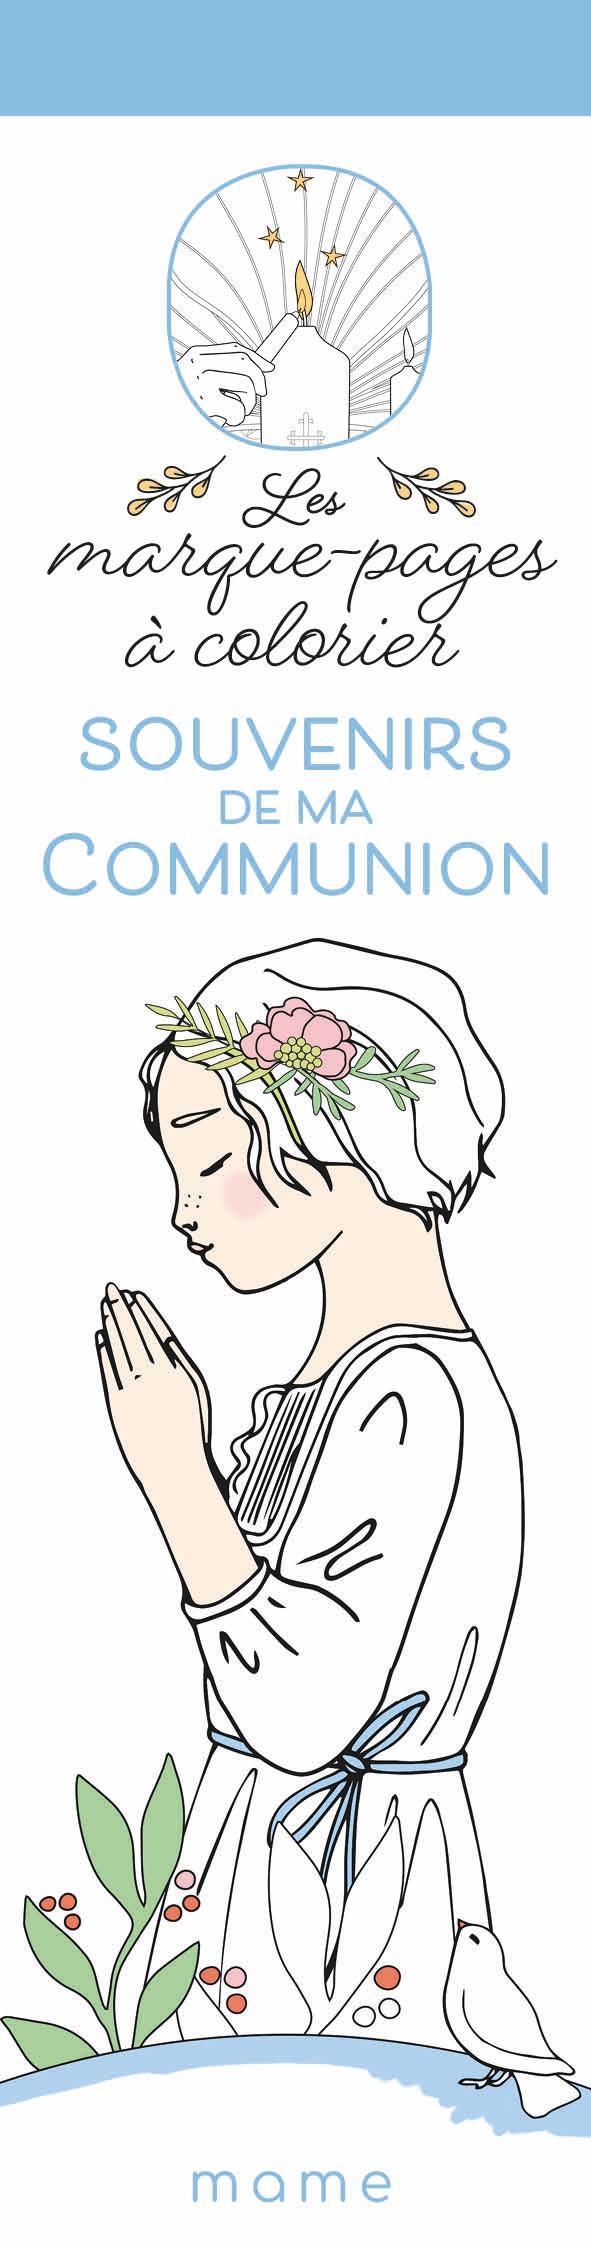 SOUVENIRS DE MA COMMUNION LES MARQUE PAGES A COLORIER